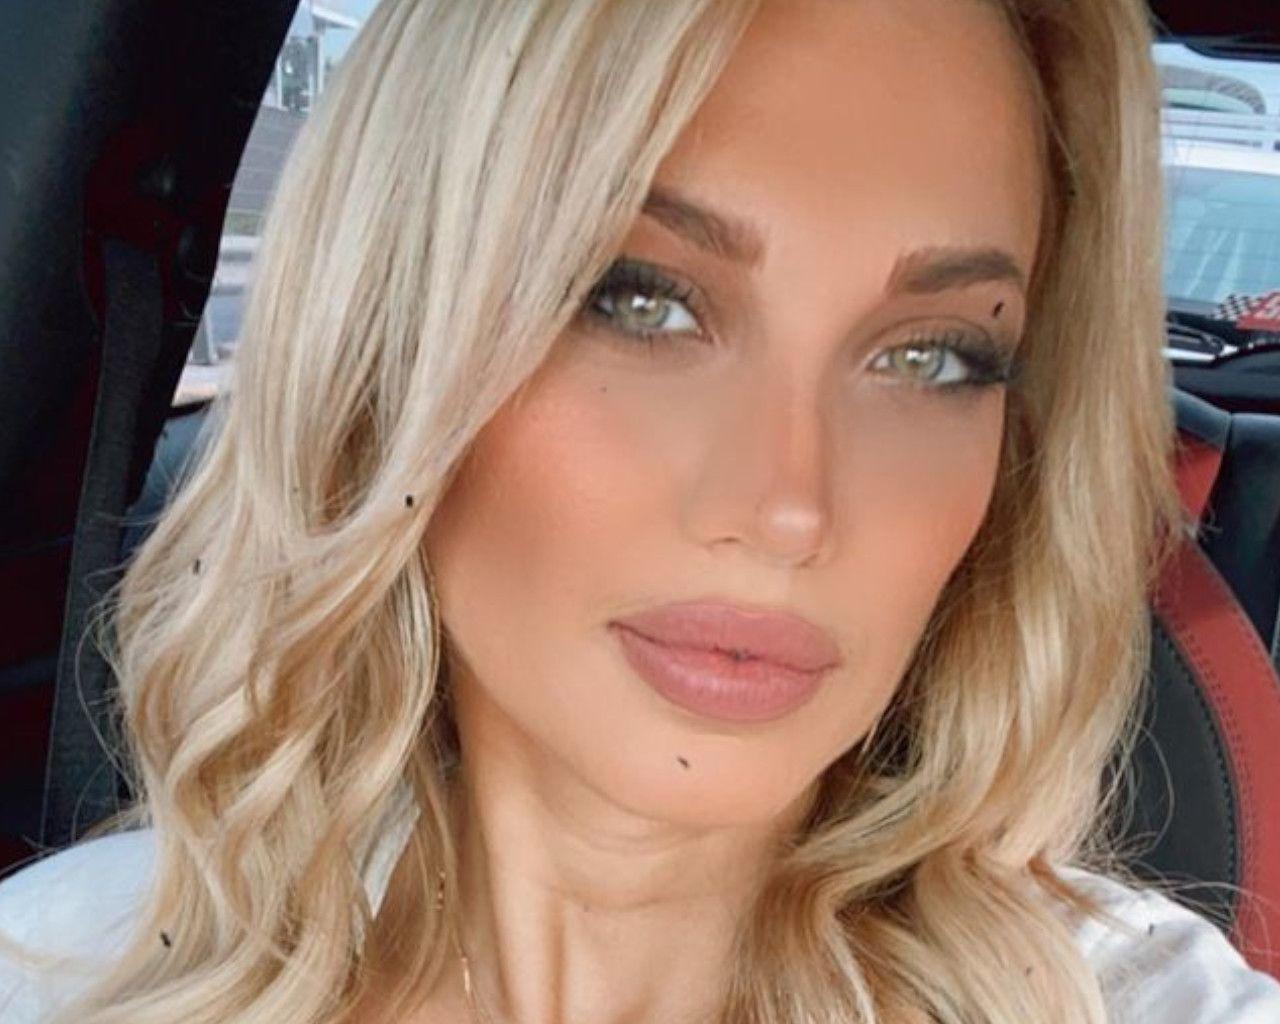 Κωνσταντίνα Σπυροπούλου: Το μήνυμα στο Instagram για την τηλεοπτική της επιστροφή